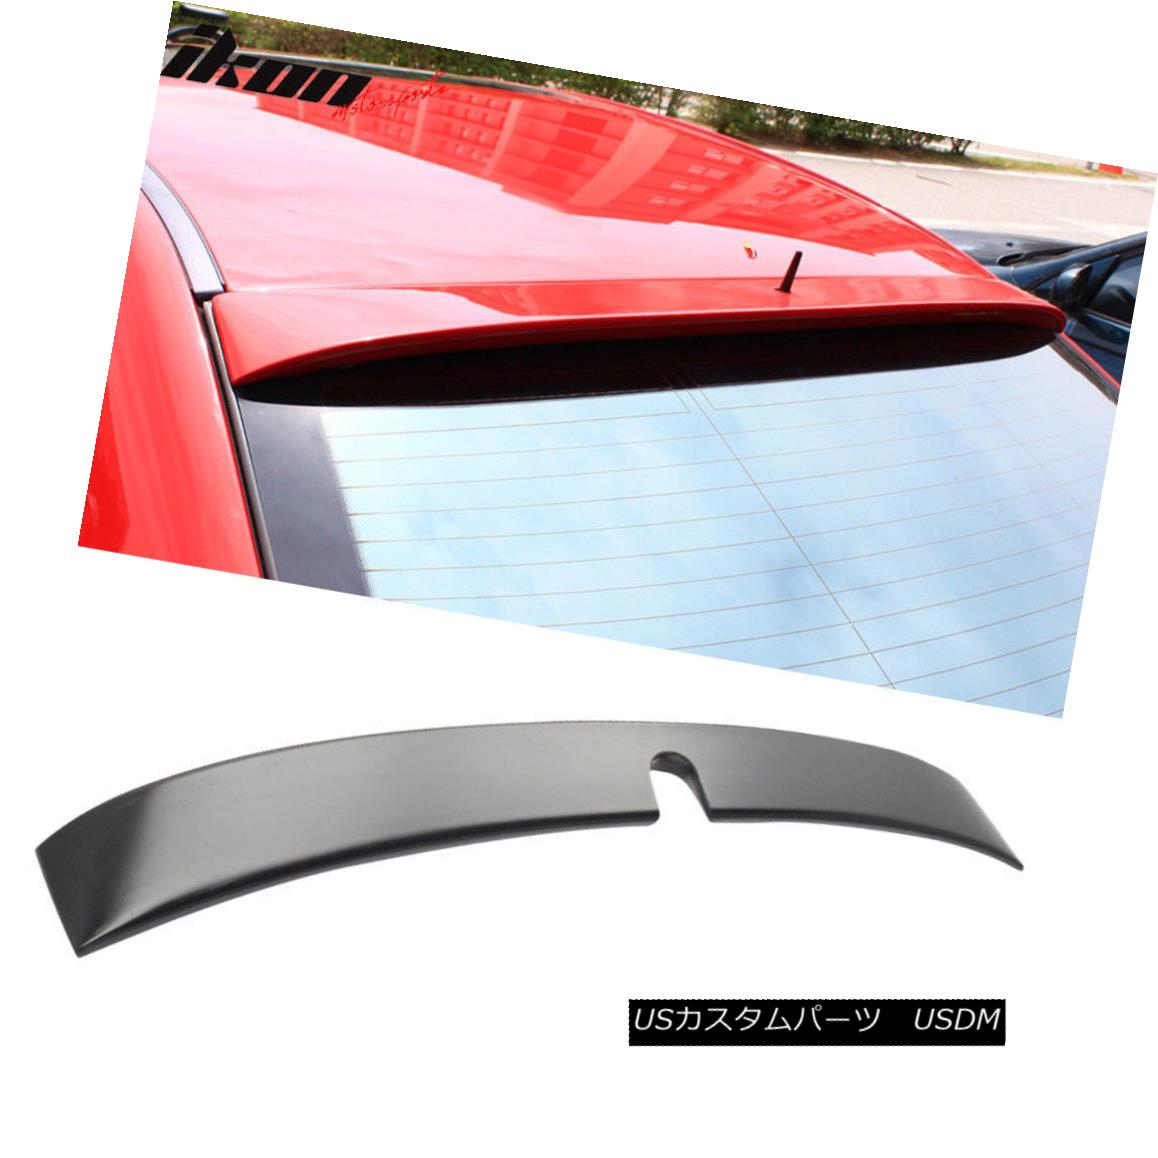 エアロパーツ Fits 01-07 Benz C-Class W203 Sedan L Style Roof Spoiler Wing - ABS フィット01-07ベンツCクラスW203セダンLスタイル屋根スポイラーウィング - ABS